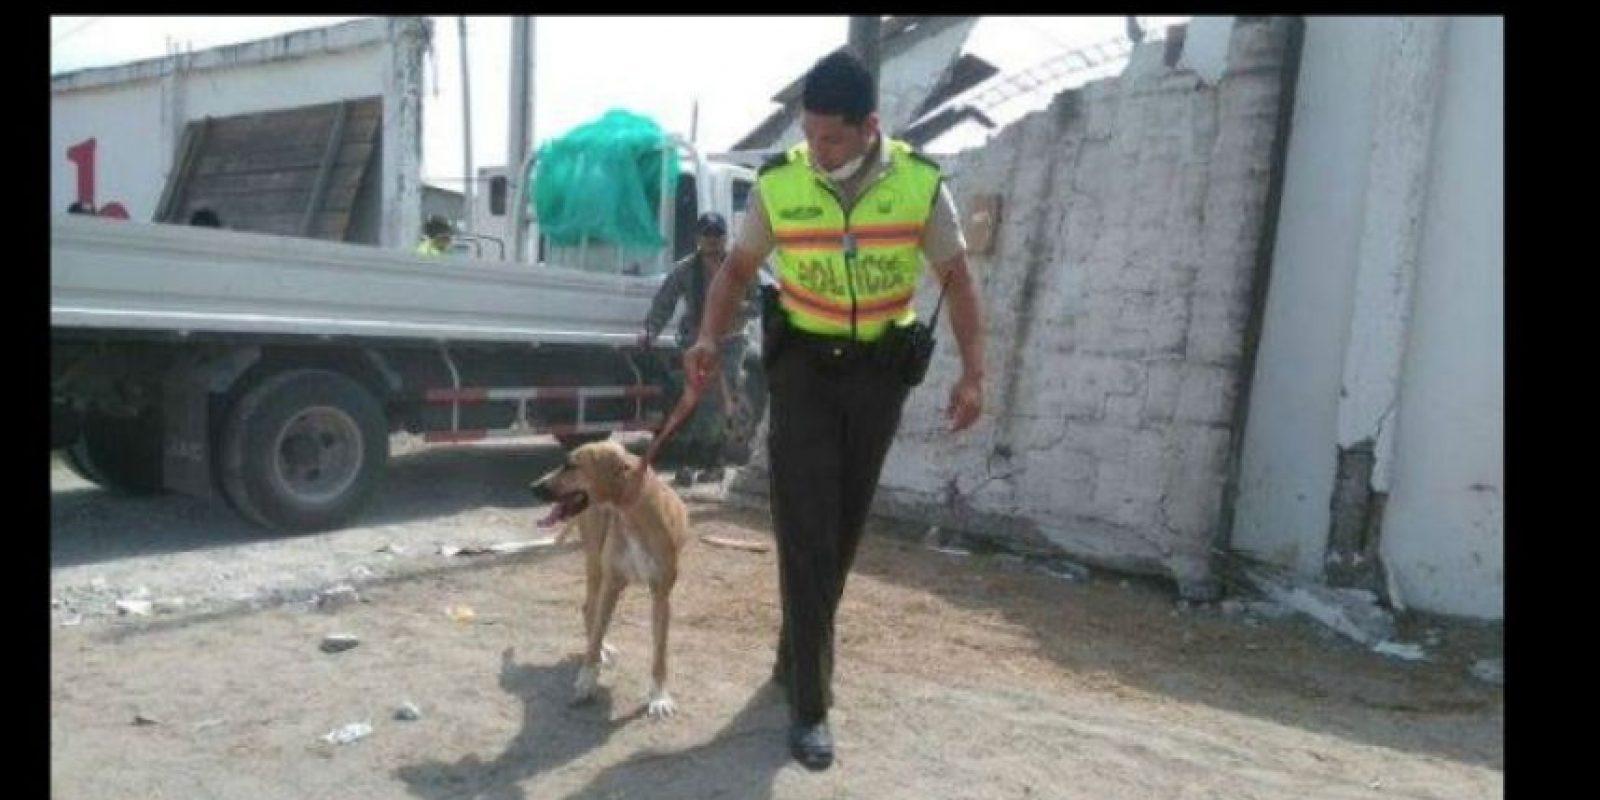 Durante sus esfuerzos no solo ayudan a las personas. Foto:facebook.com/policia.ecuador